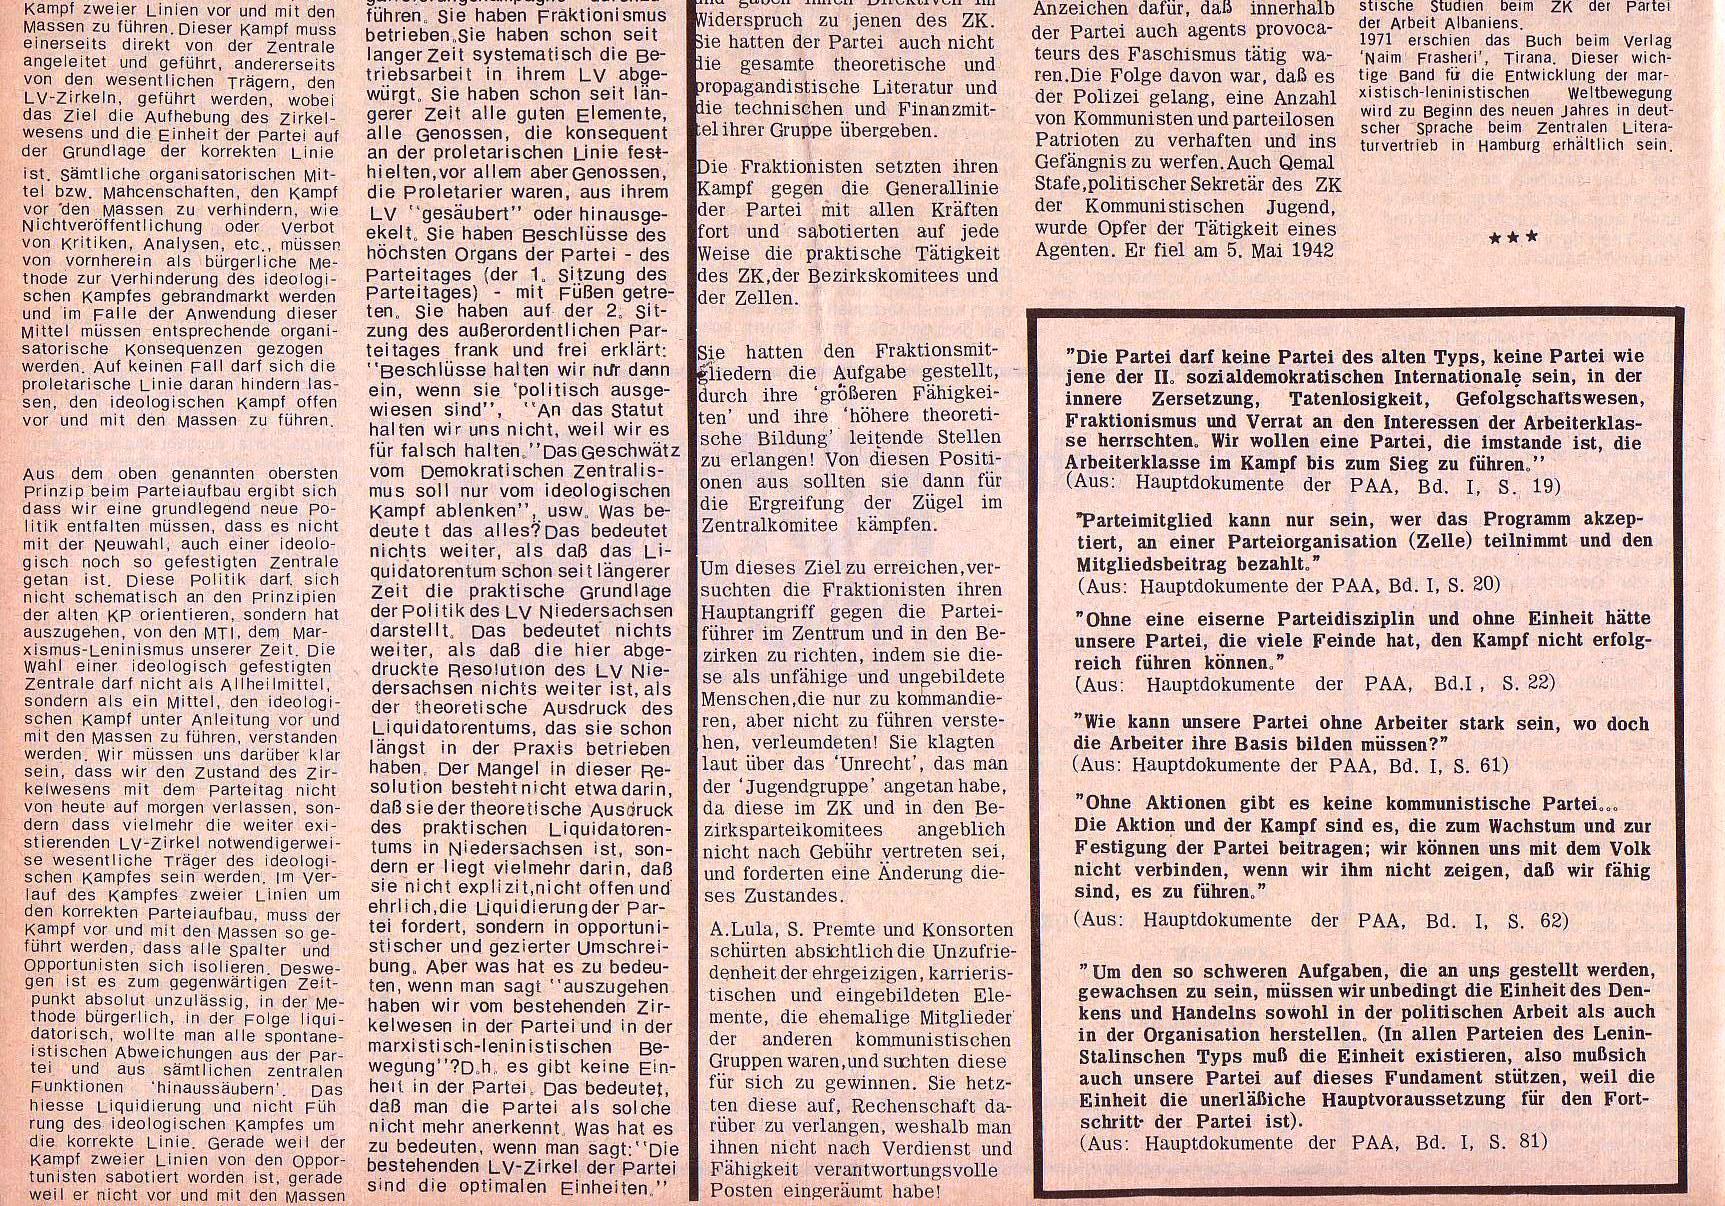 Roter Morgen, 5. Jg., 27. Dezember 1971, Sondernummer, Seite 8b